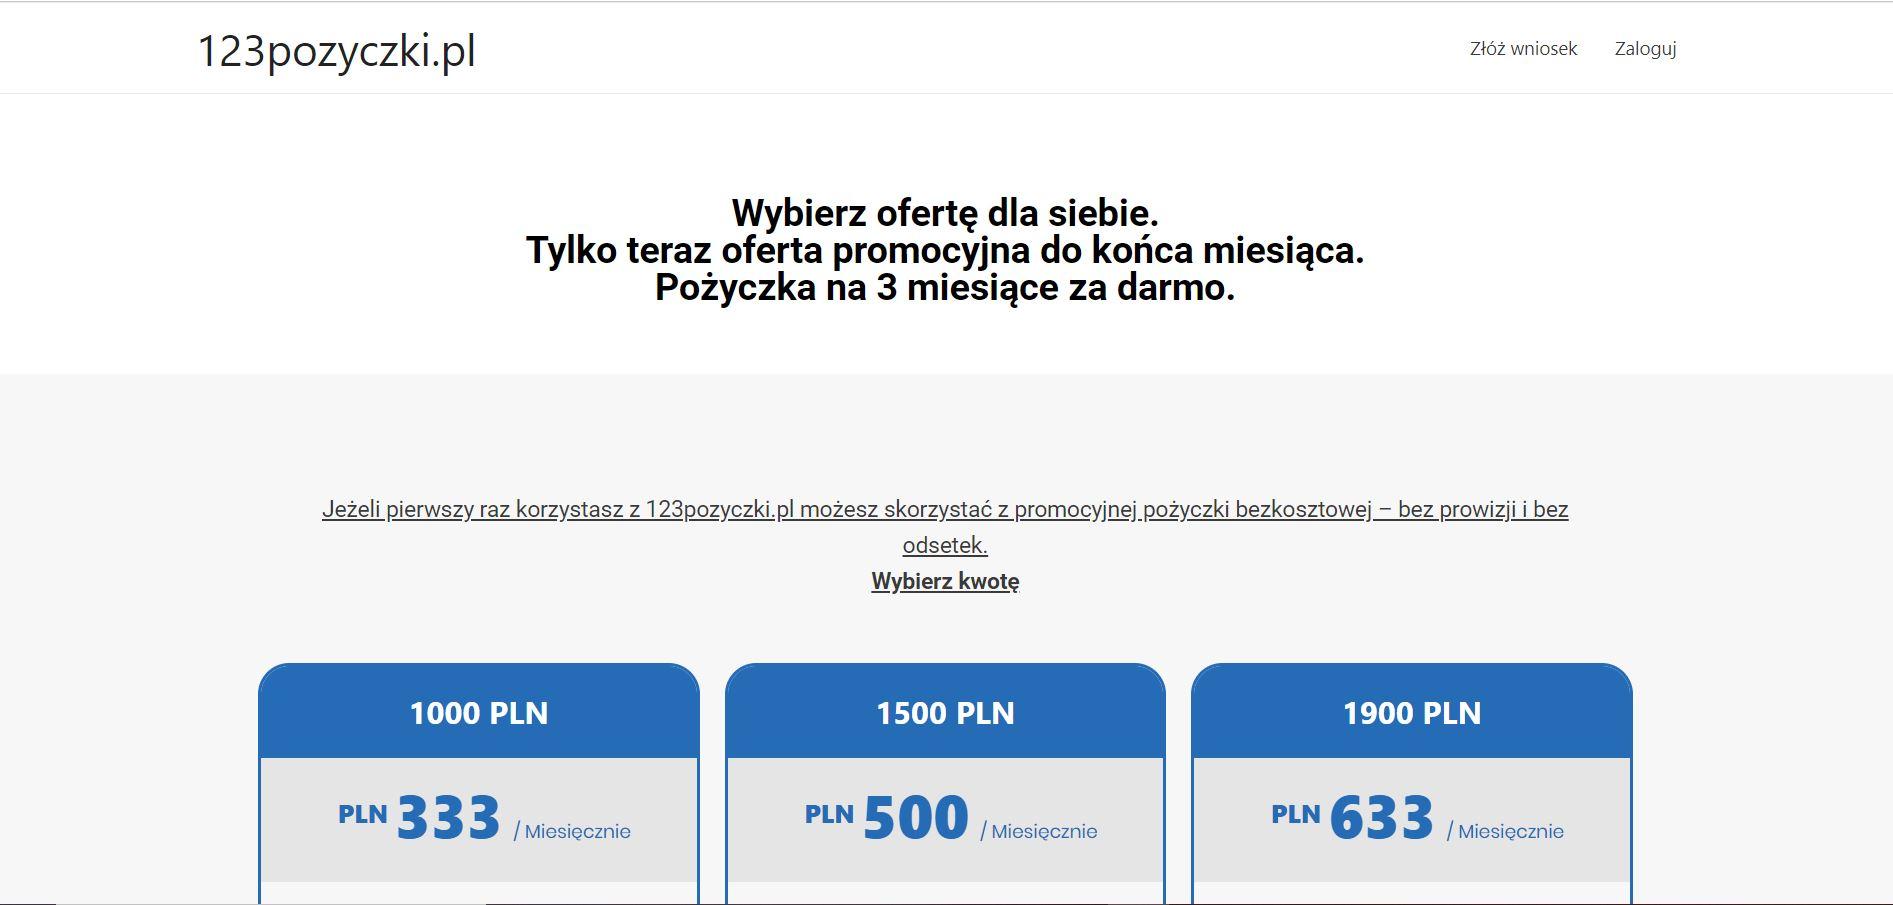 123pozyczki.pl